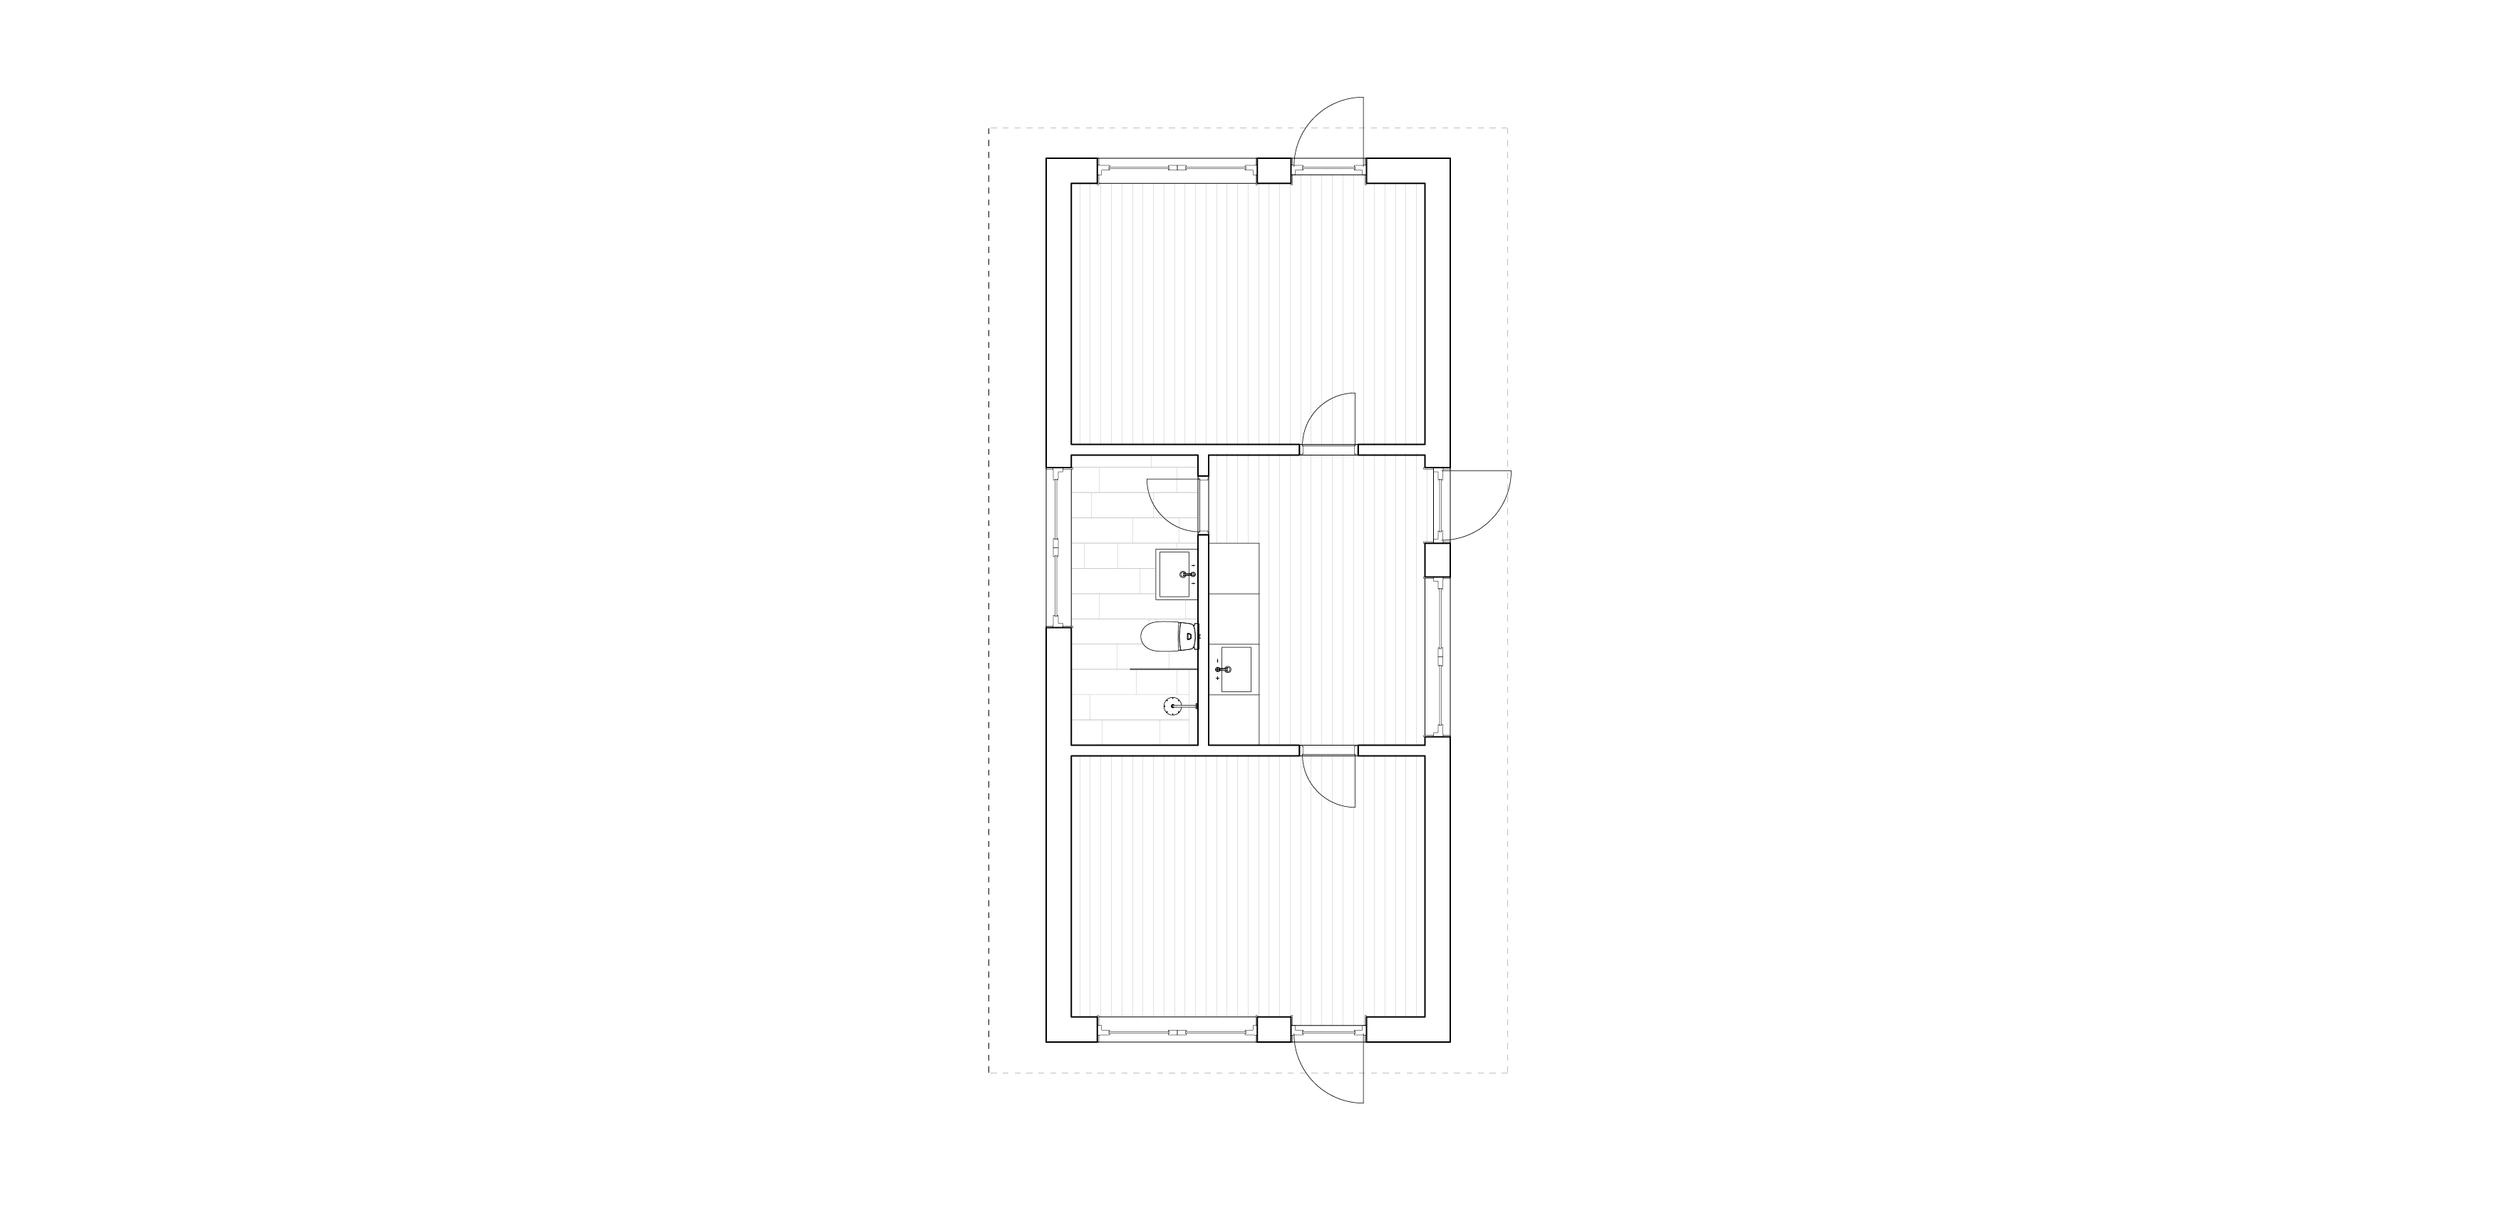 KIV_anneksplan-01.png